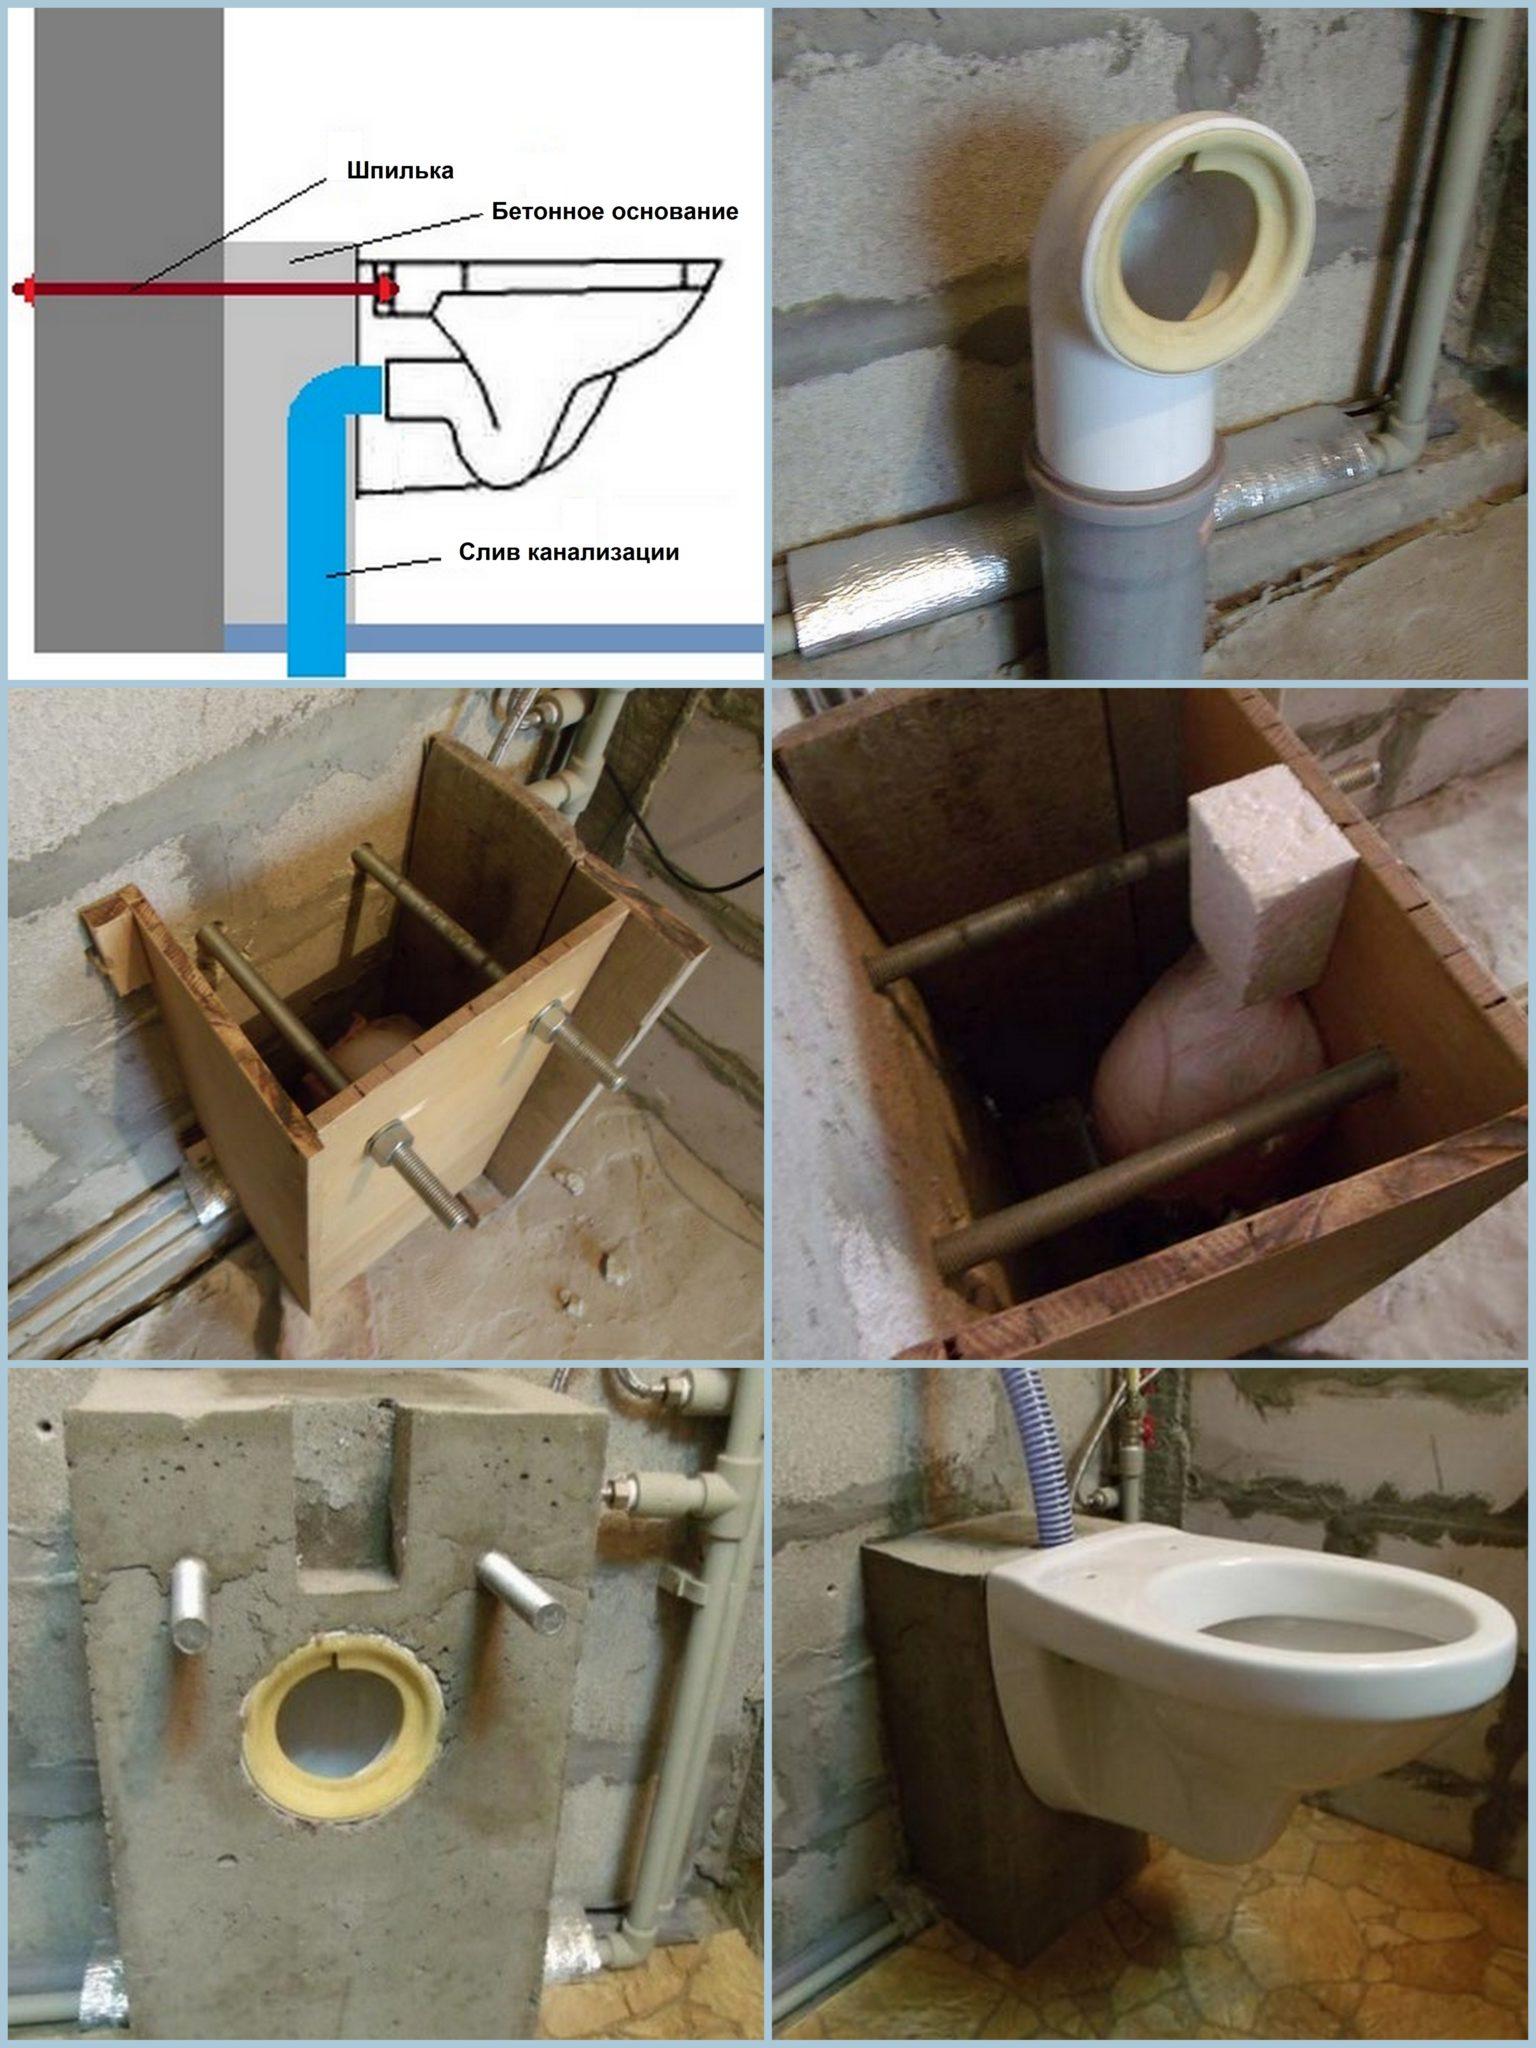 Установка унитаза (77 фото): как правильно устанавливать своими руками, монтаж подвесного унитаза, установка на кафельный пол и подключение к канализации